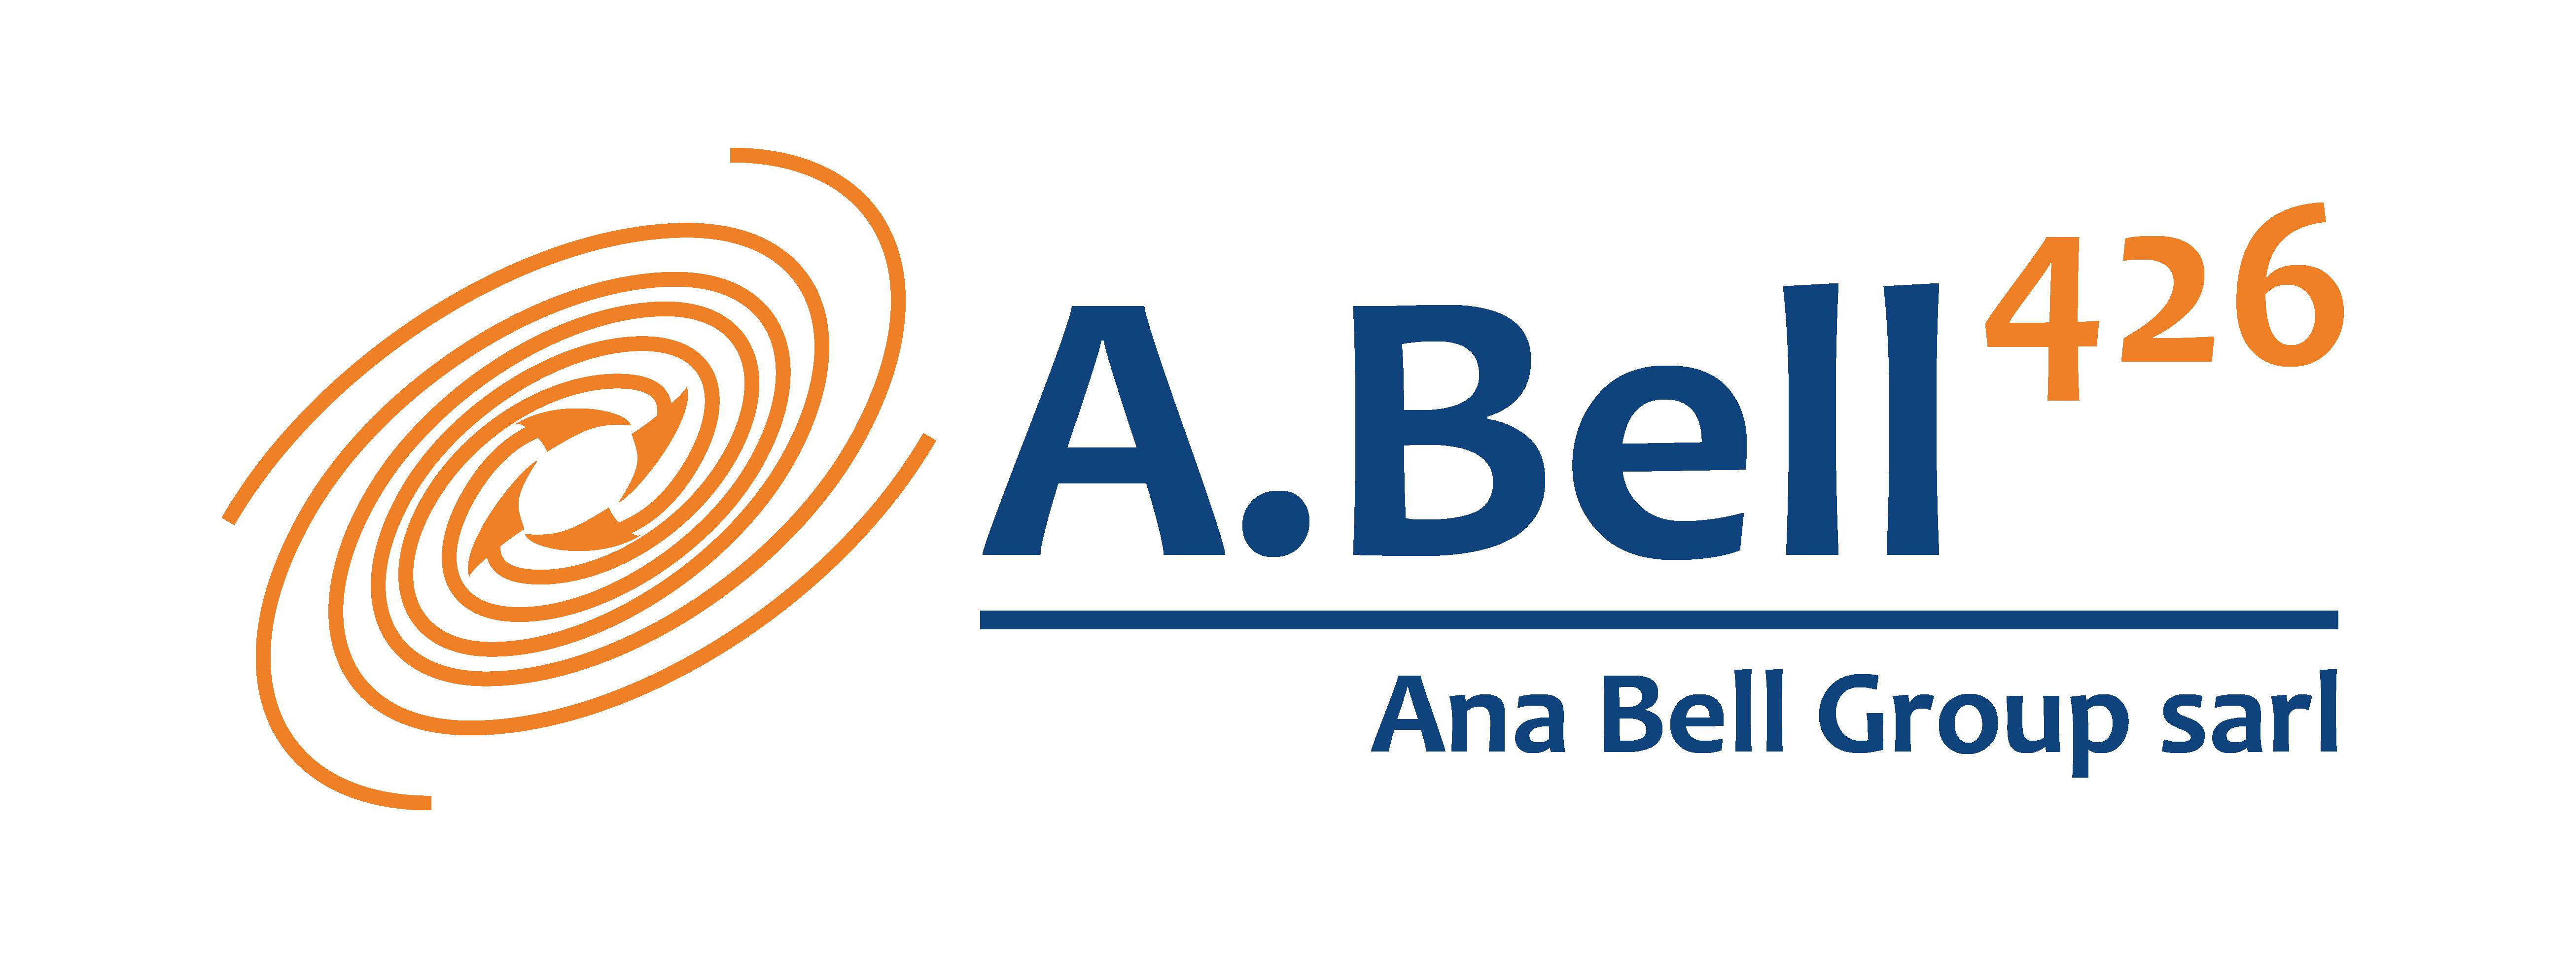 A.Bell426